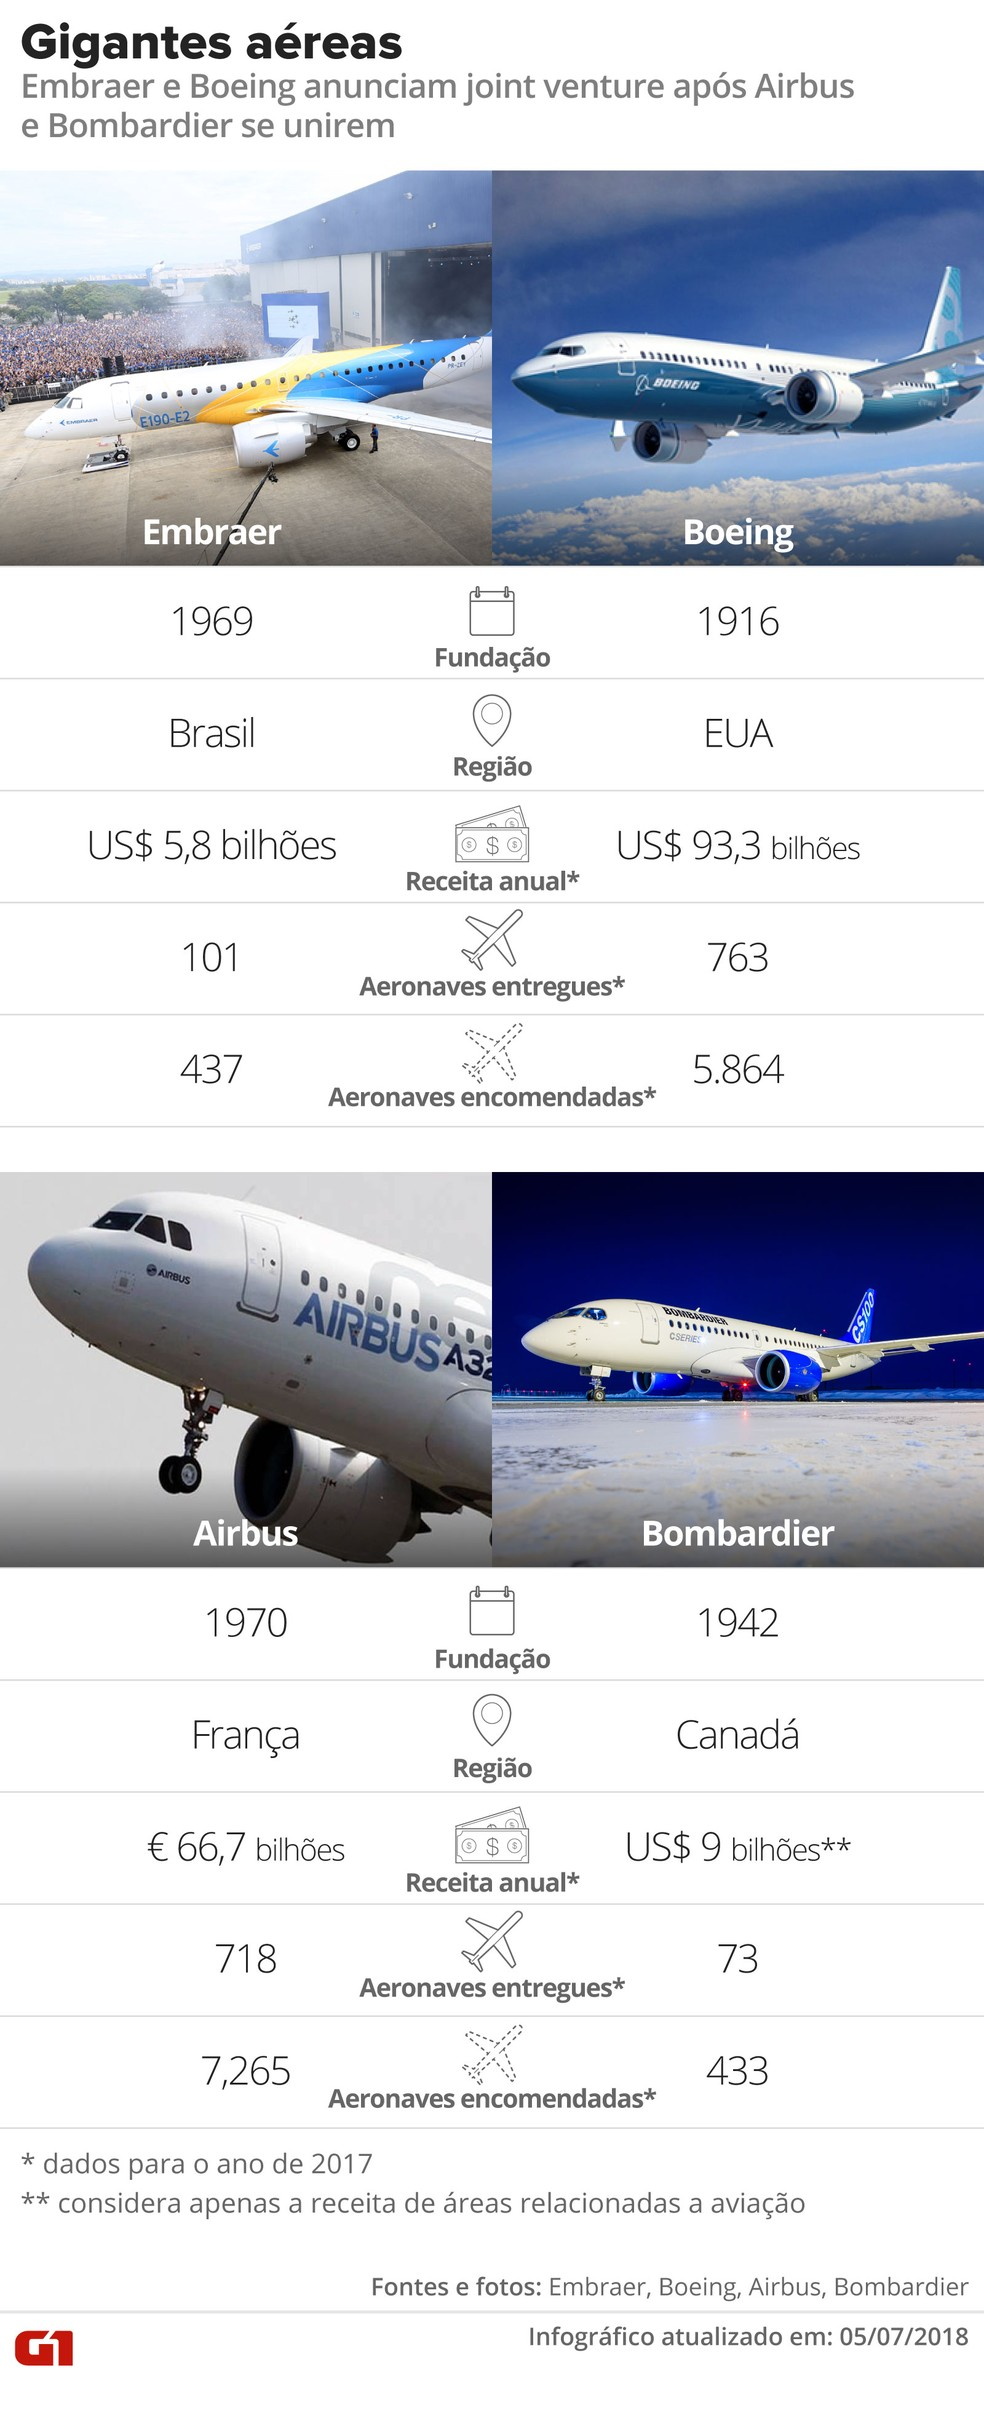 Situação das gigantes aéreas Embraer, Boeing, Airbus e Bombardier  (Foto: Alexandre Mauro/G1)